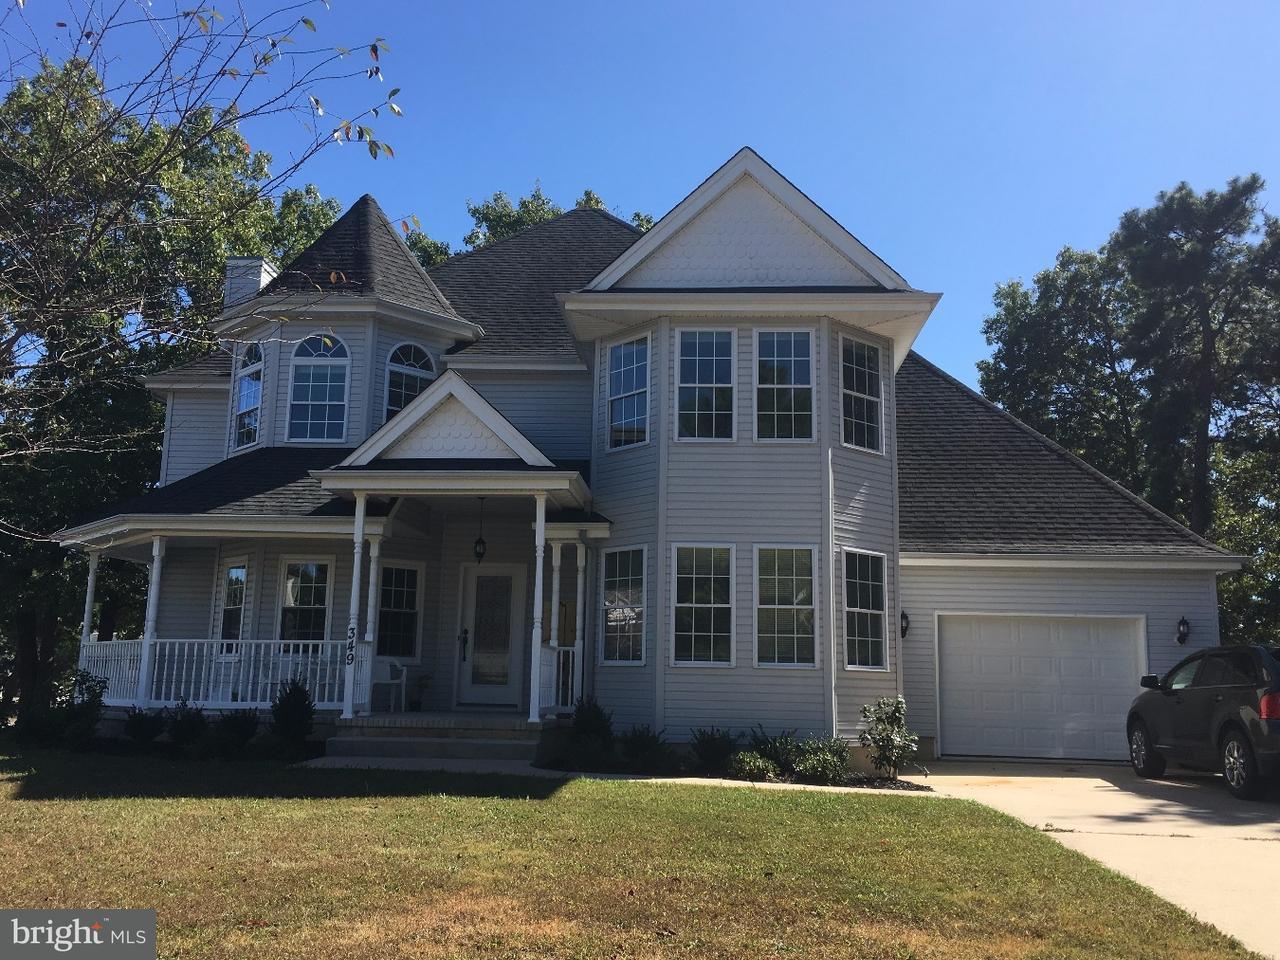 独户住宅 为 销售 在 349 ATLANTIS Avenue Manahawkin, 新泽西州 08050 美国